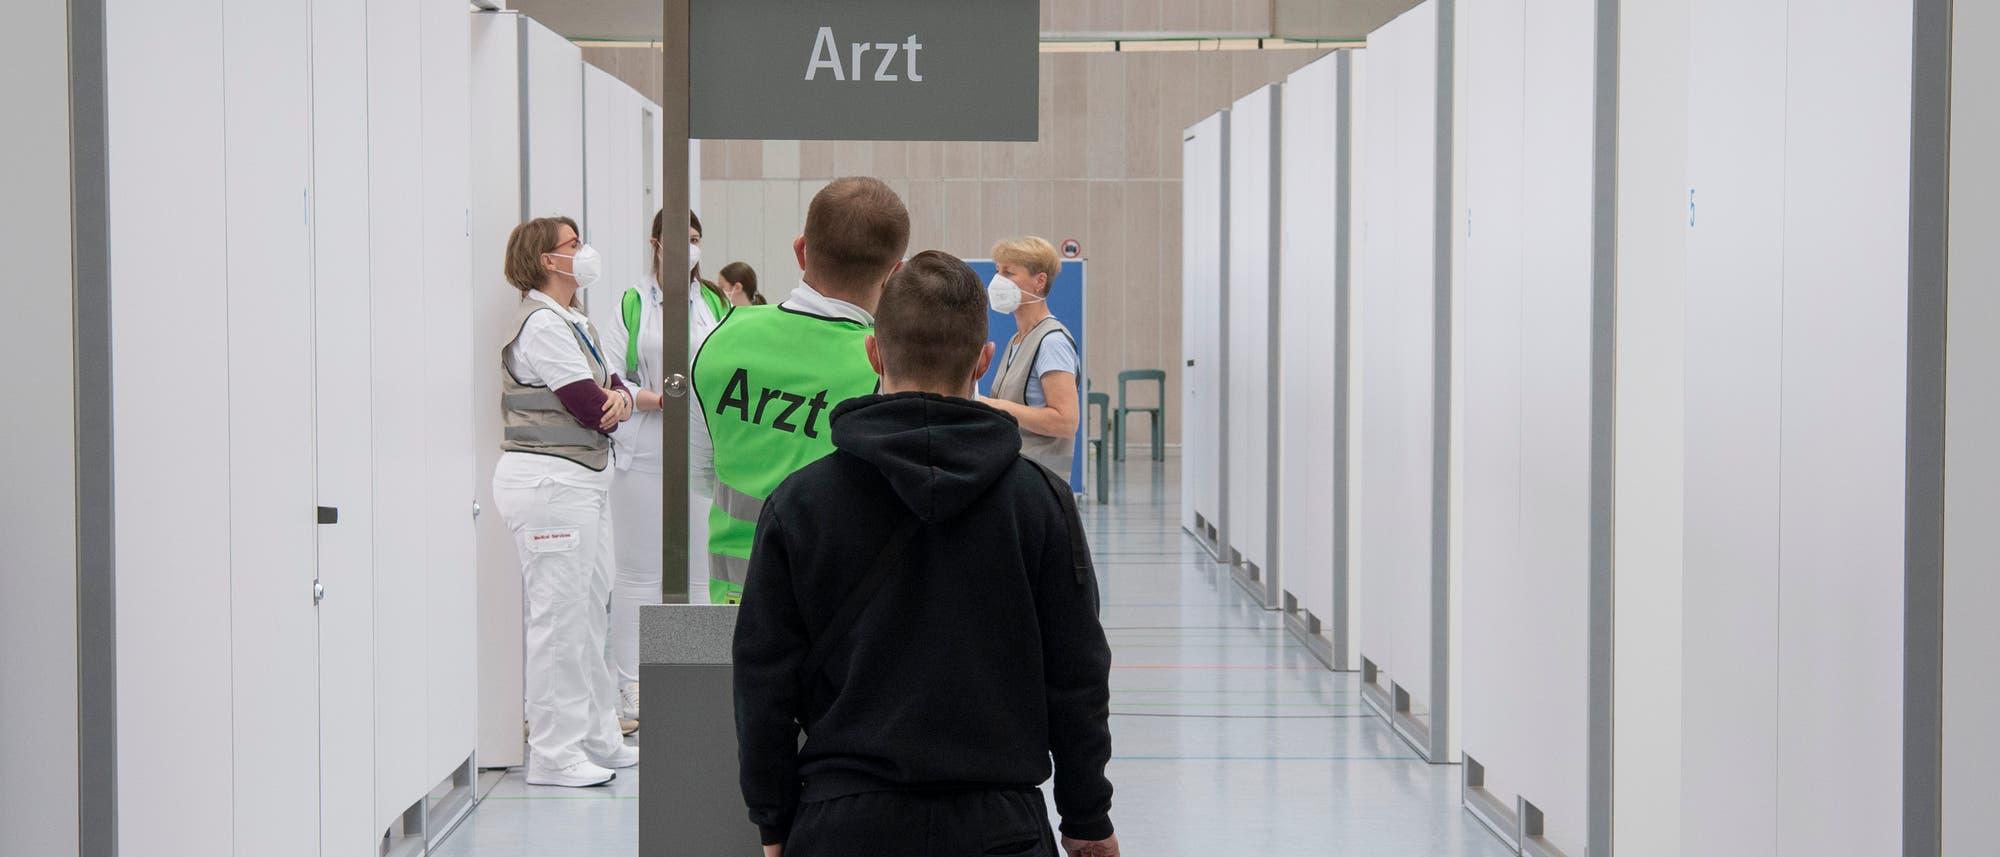 Ein Mitarbeiter der Fraport AG wird in der Impfstraße des Impfzentrum des Flughafenbetreibers Fraport von einem Arzt auf seine bevorstehende Corona-Impfung vorbereitet.